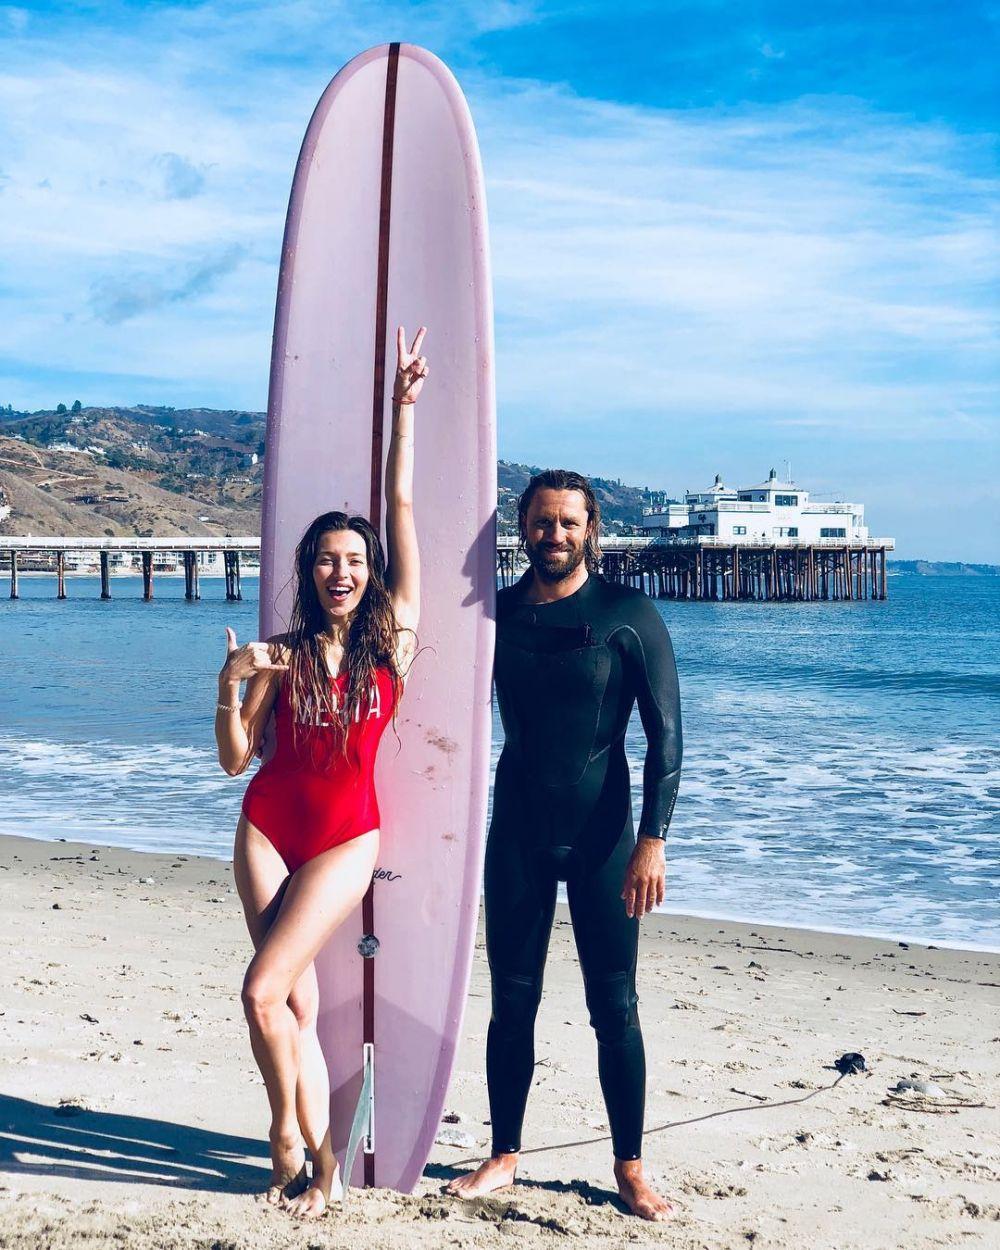 Регина Тодоренко и серфинг: телеведущая уже крепко осела в Лос-Анджелесе.